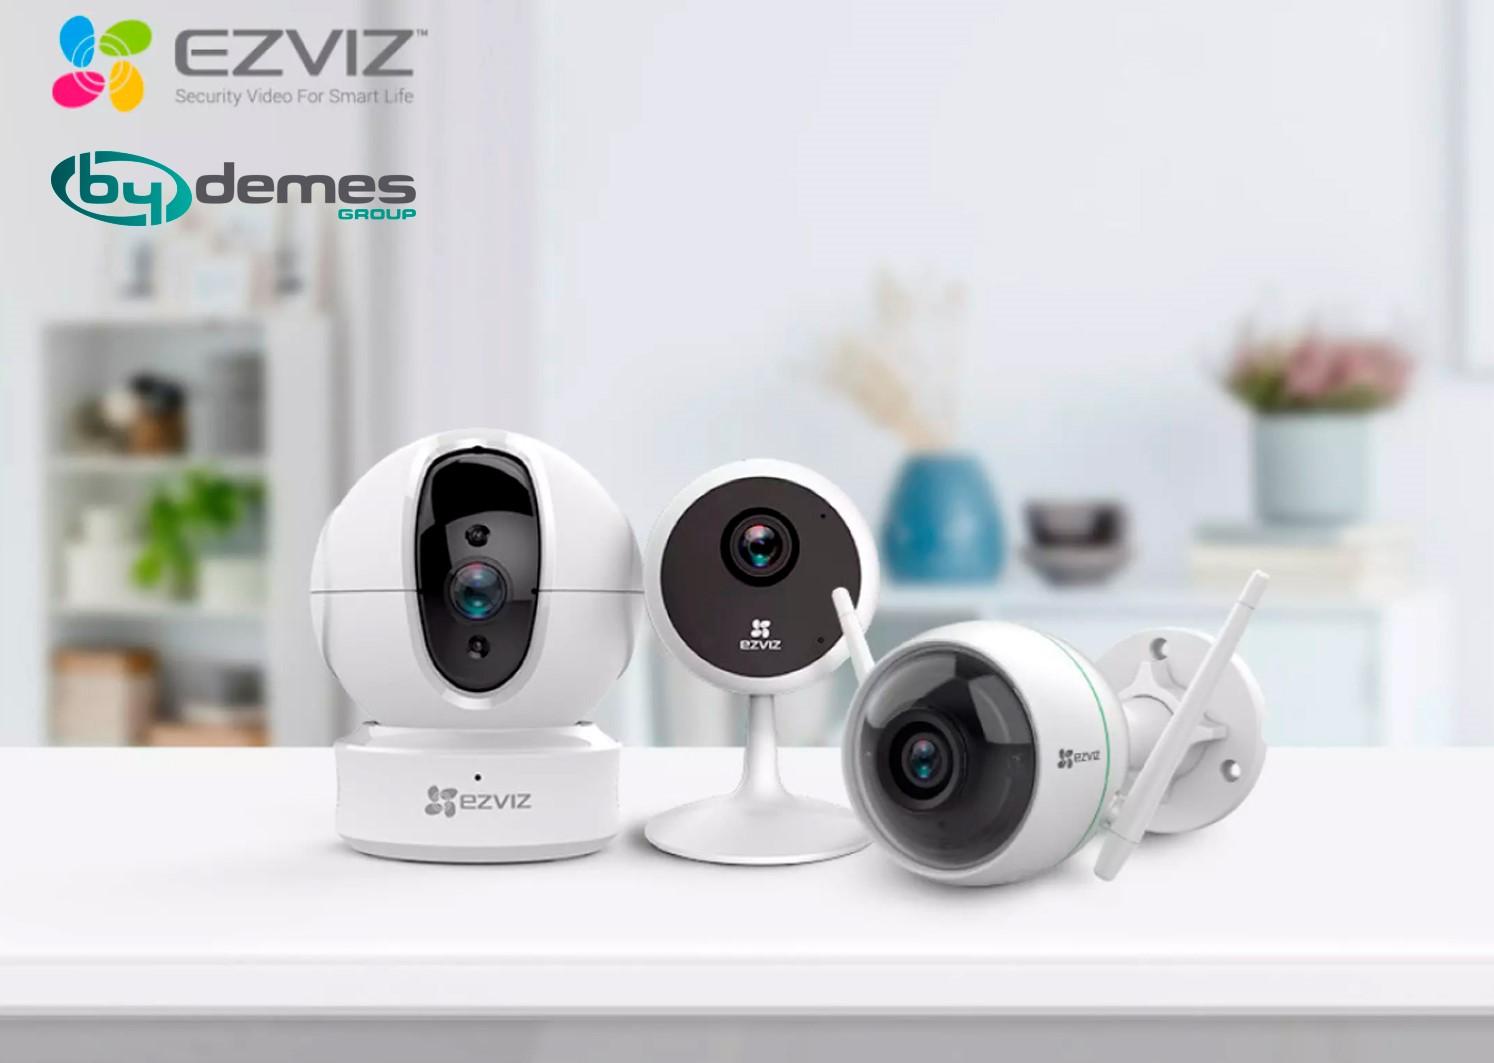 Nuevo acuerdo comercial entre By Demes Group y EZVIZ en España